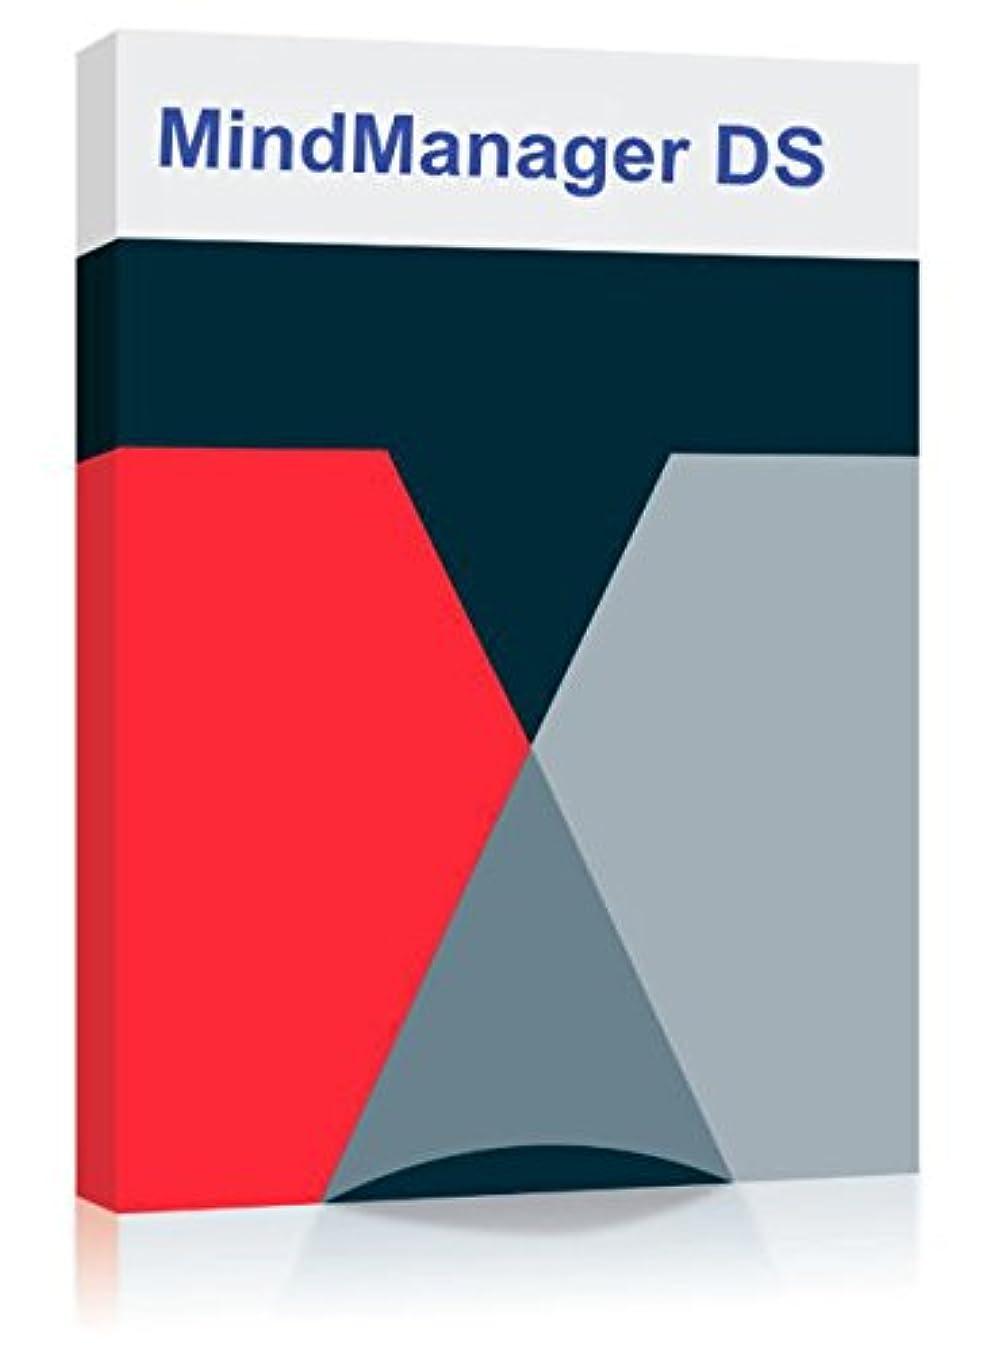 タービン約束する独立したMindManager DS for Windows 意思決定支援ソフト (Electronic Download + Physical Box Delivery)